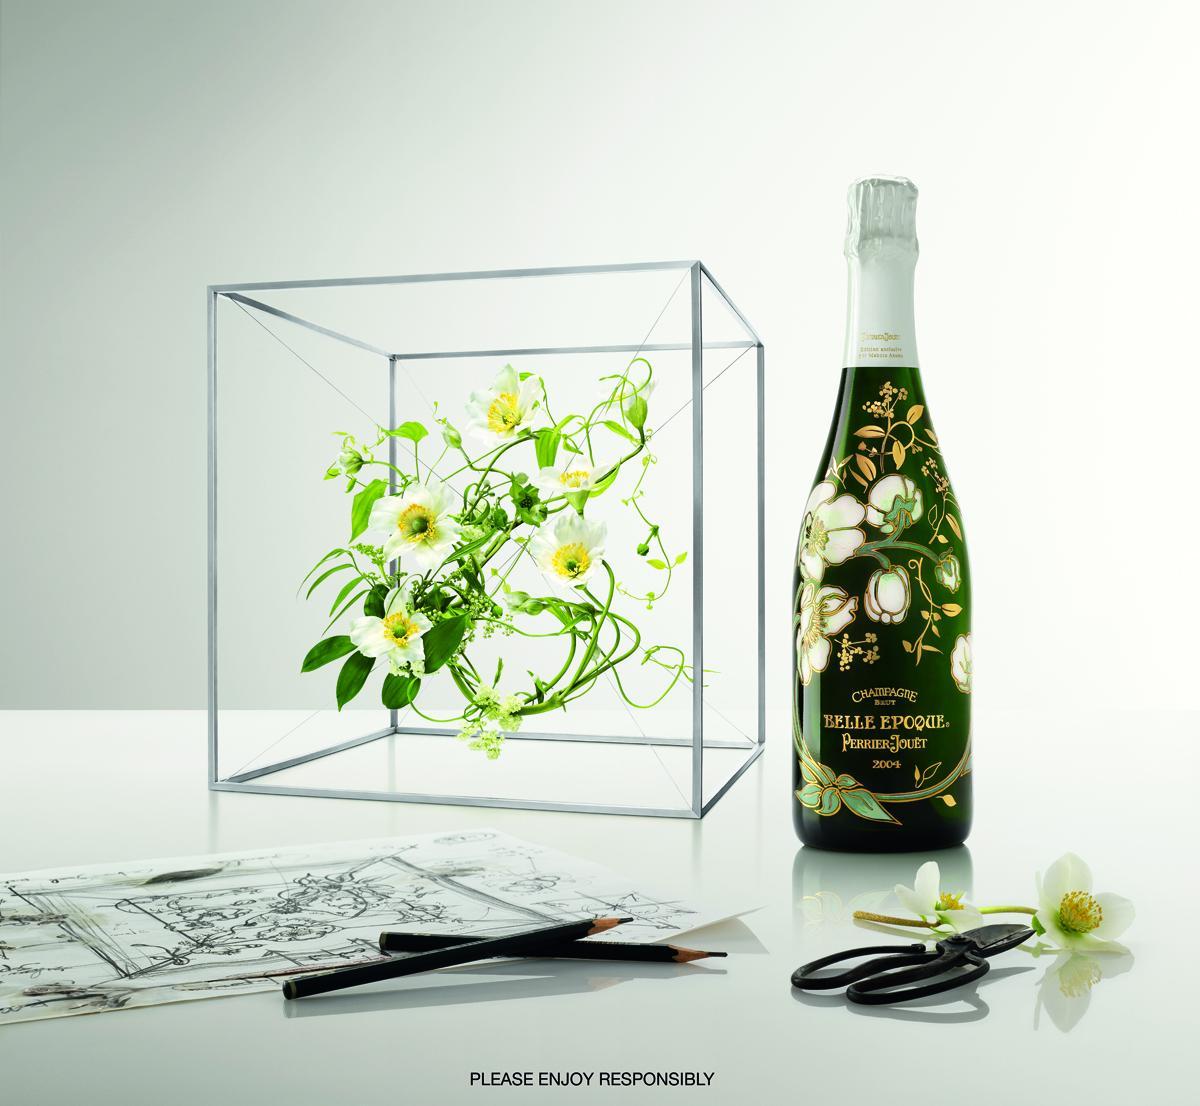 img_hd_floral_bottle-all-Shiinoki-Shunsuke_Daniel-Jouanneau©.jpg (1200×1106)